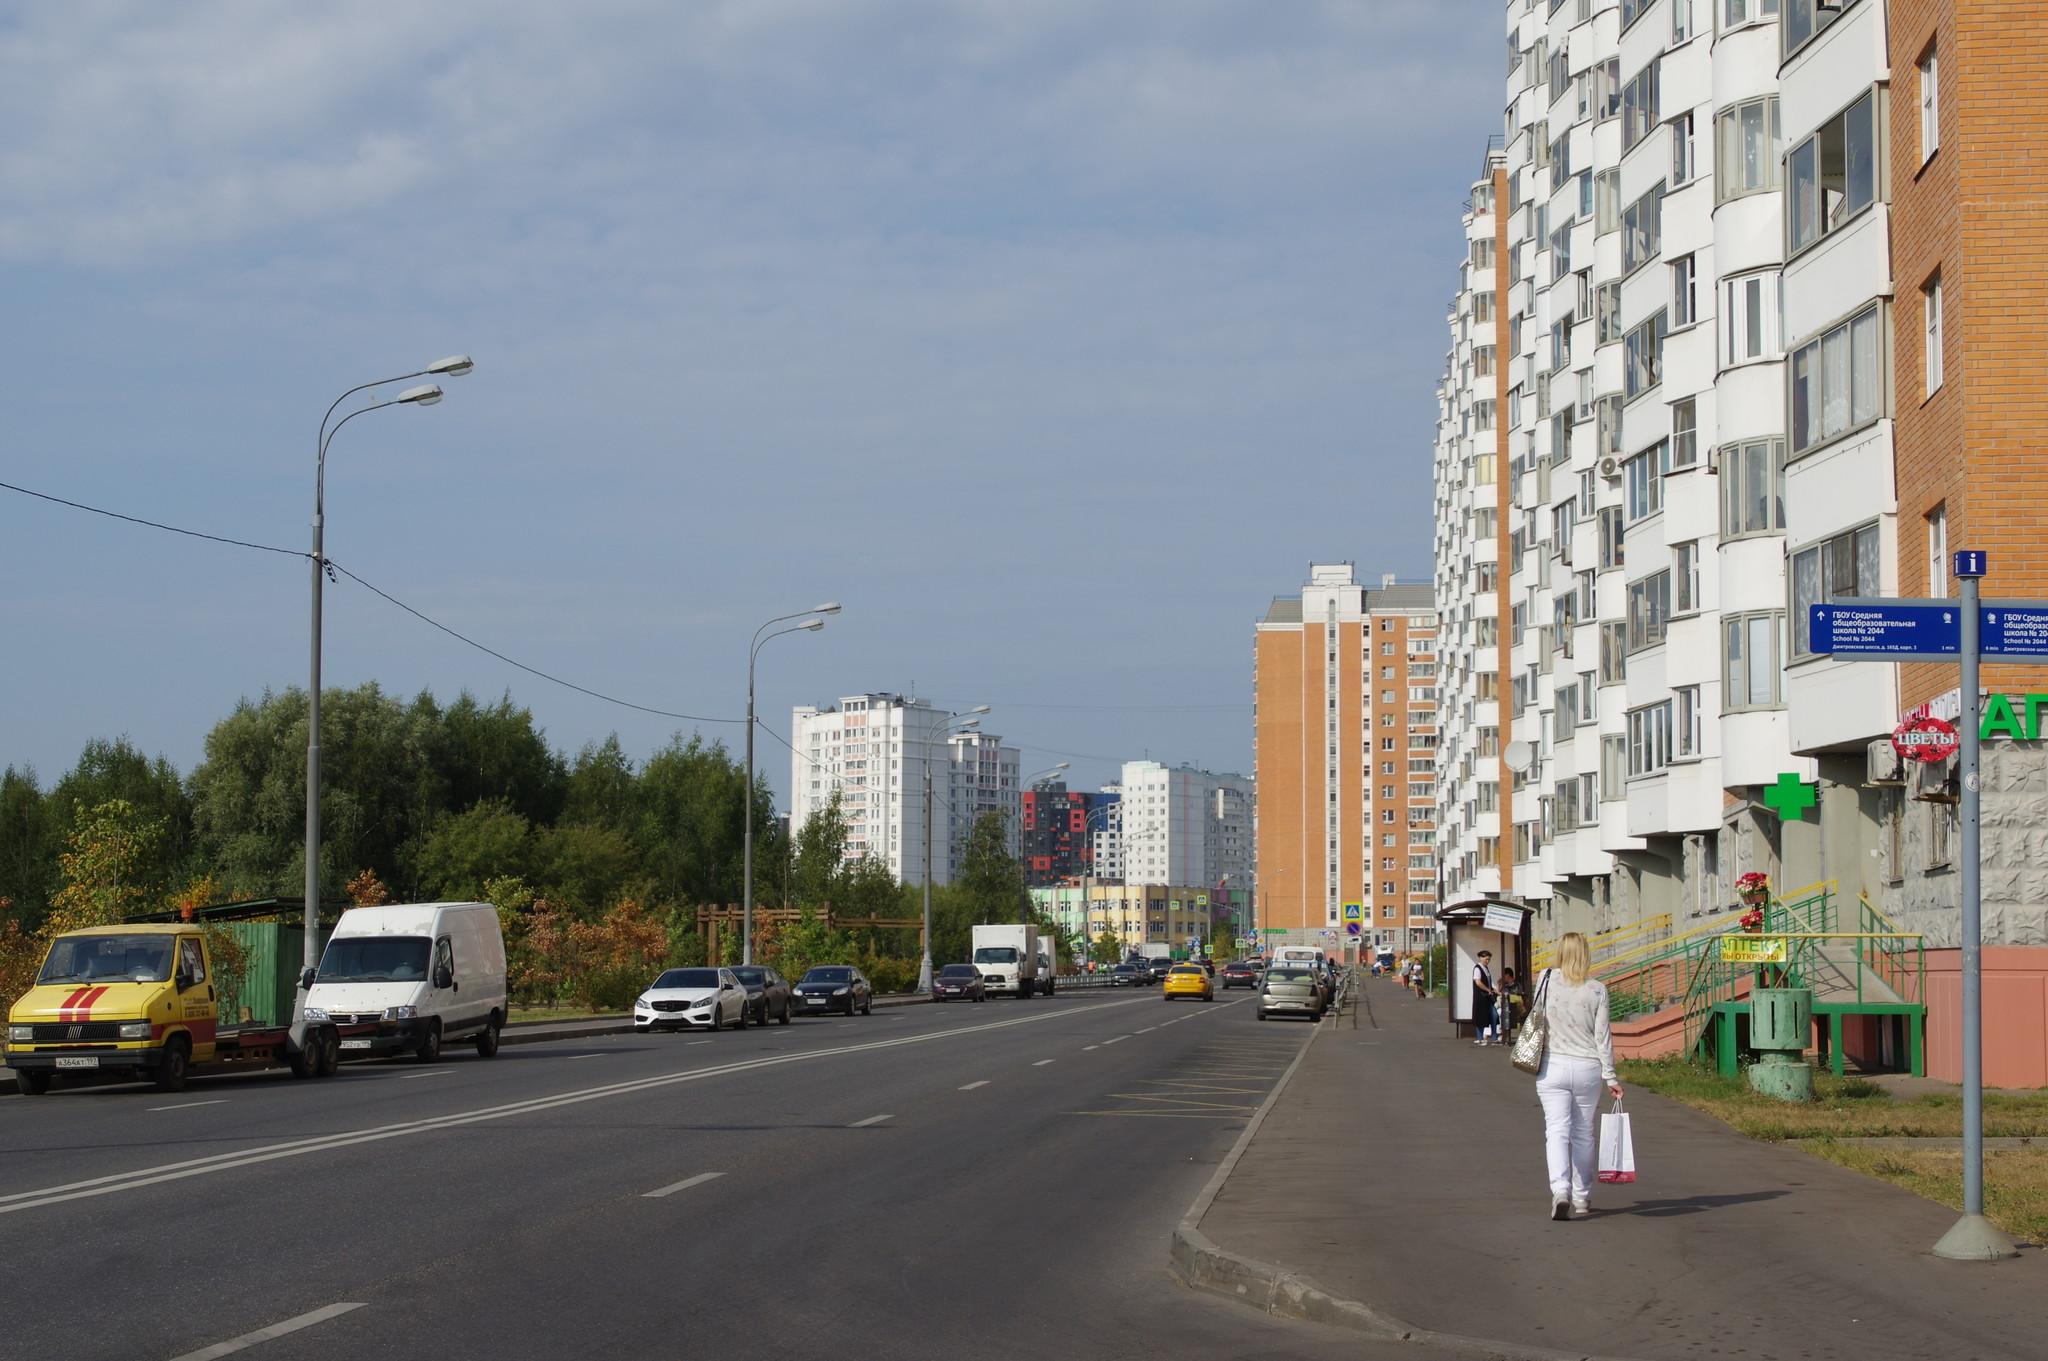 Улица Академика Алханова - улица в Москве в районе Северный Северо-Восточного административного округа Москвы